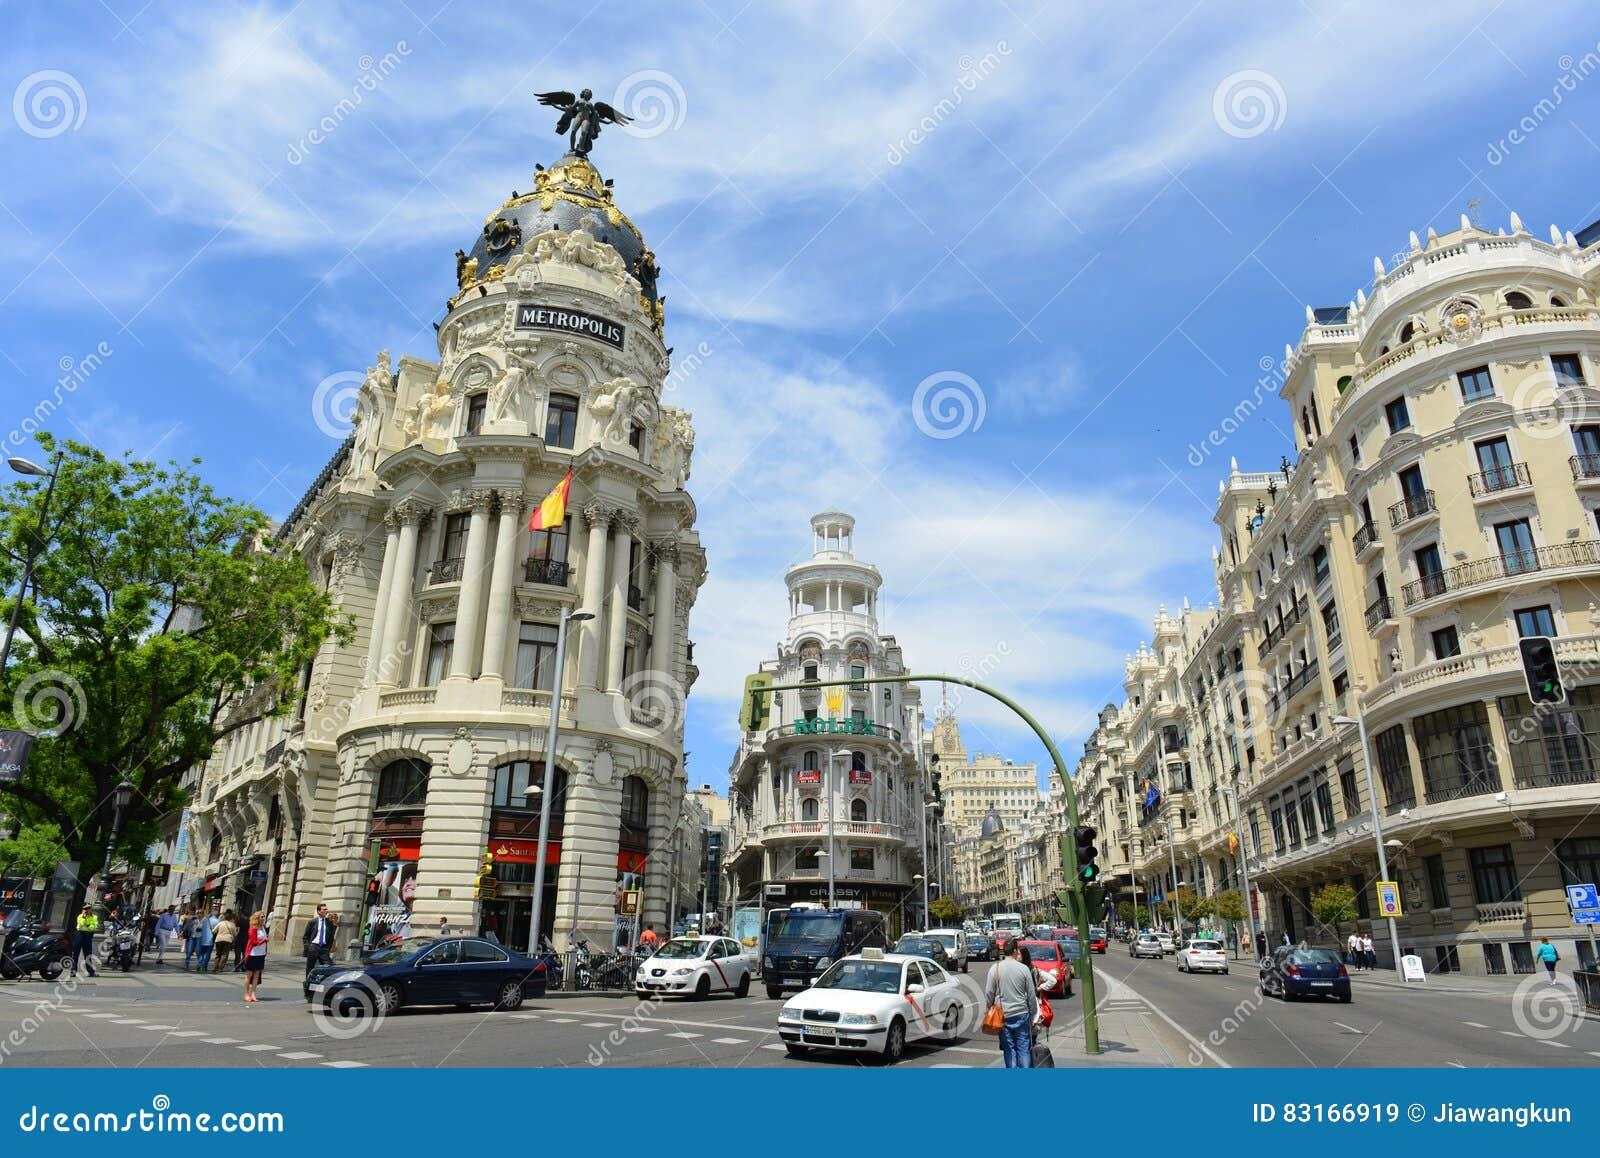 Μητρόπολη και χλοώδες κτήριο, Μαδρίτη, Ισπανία